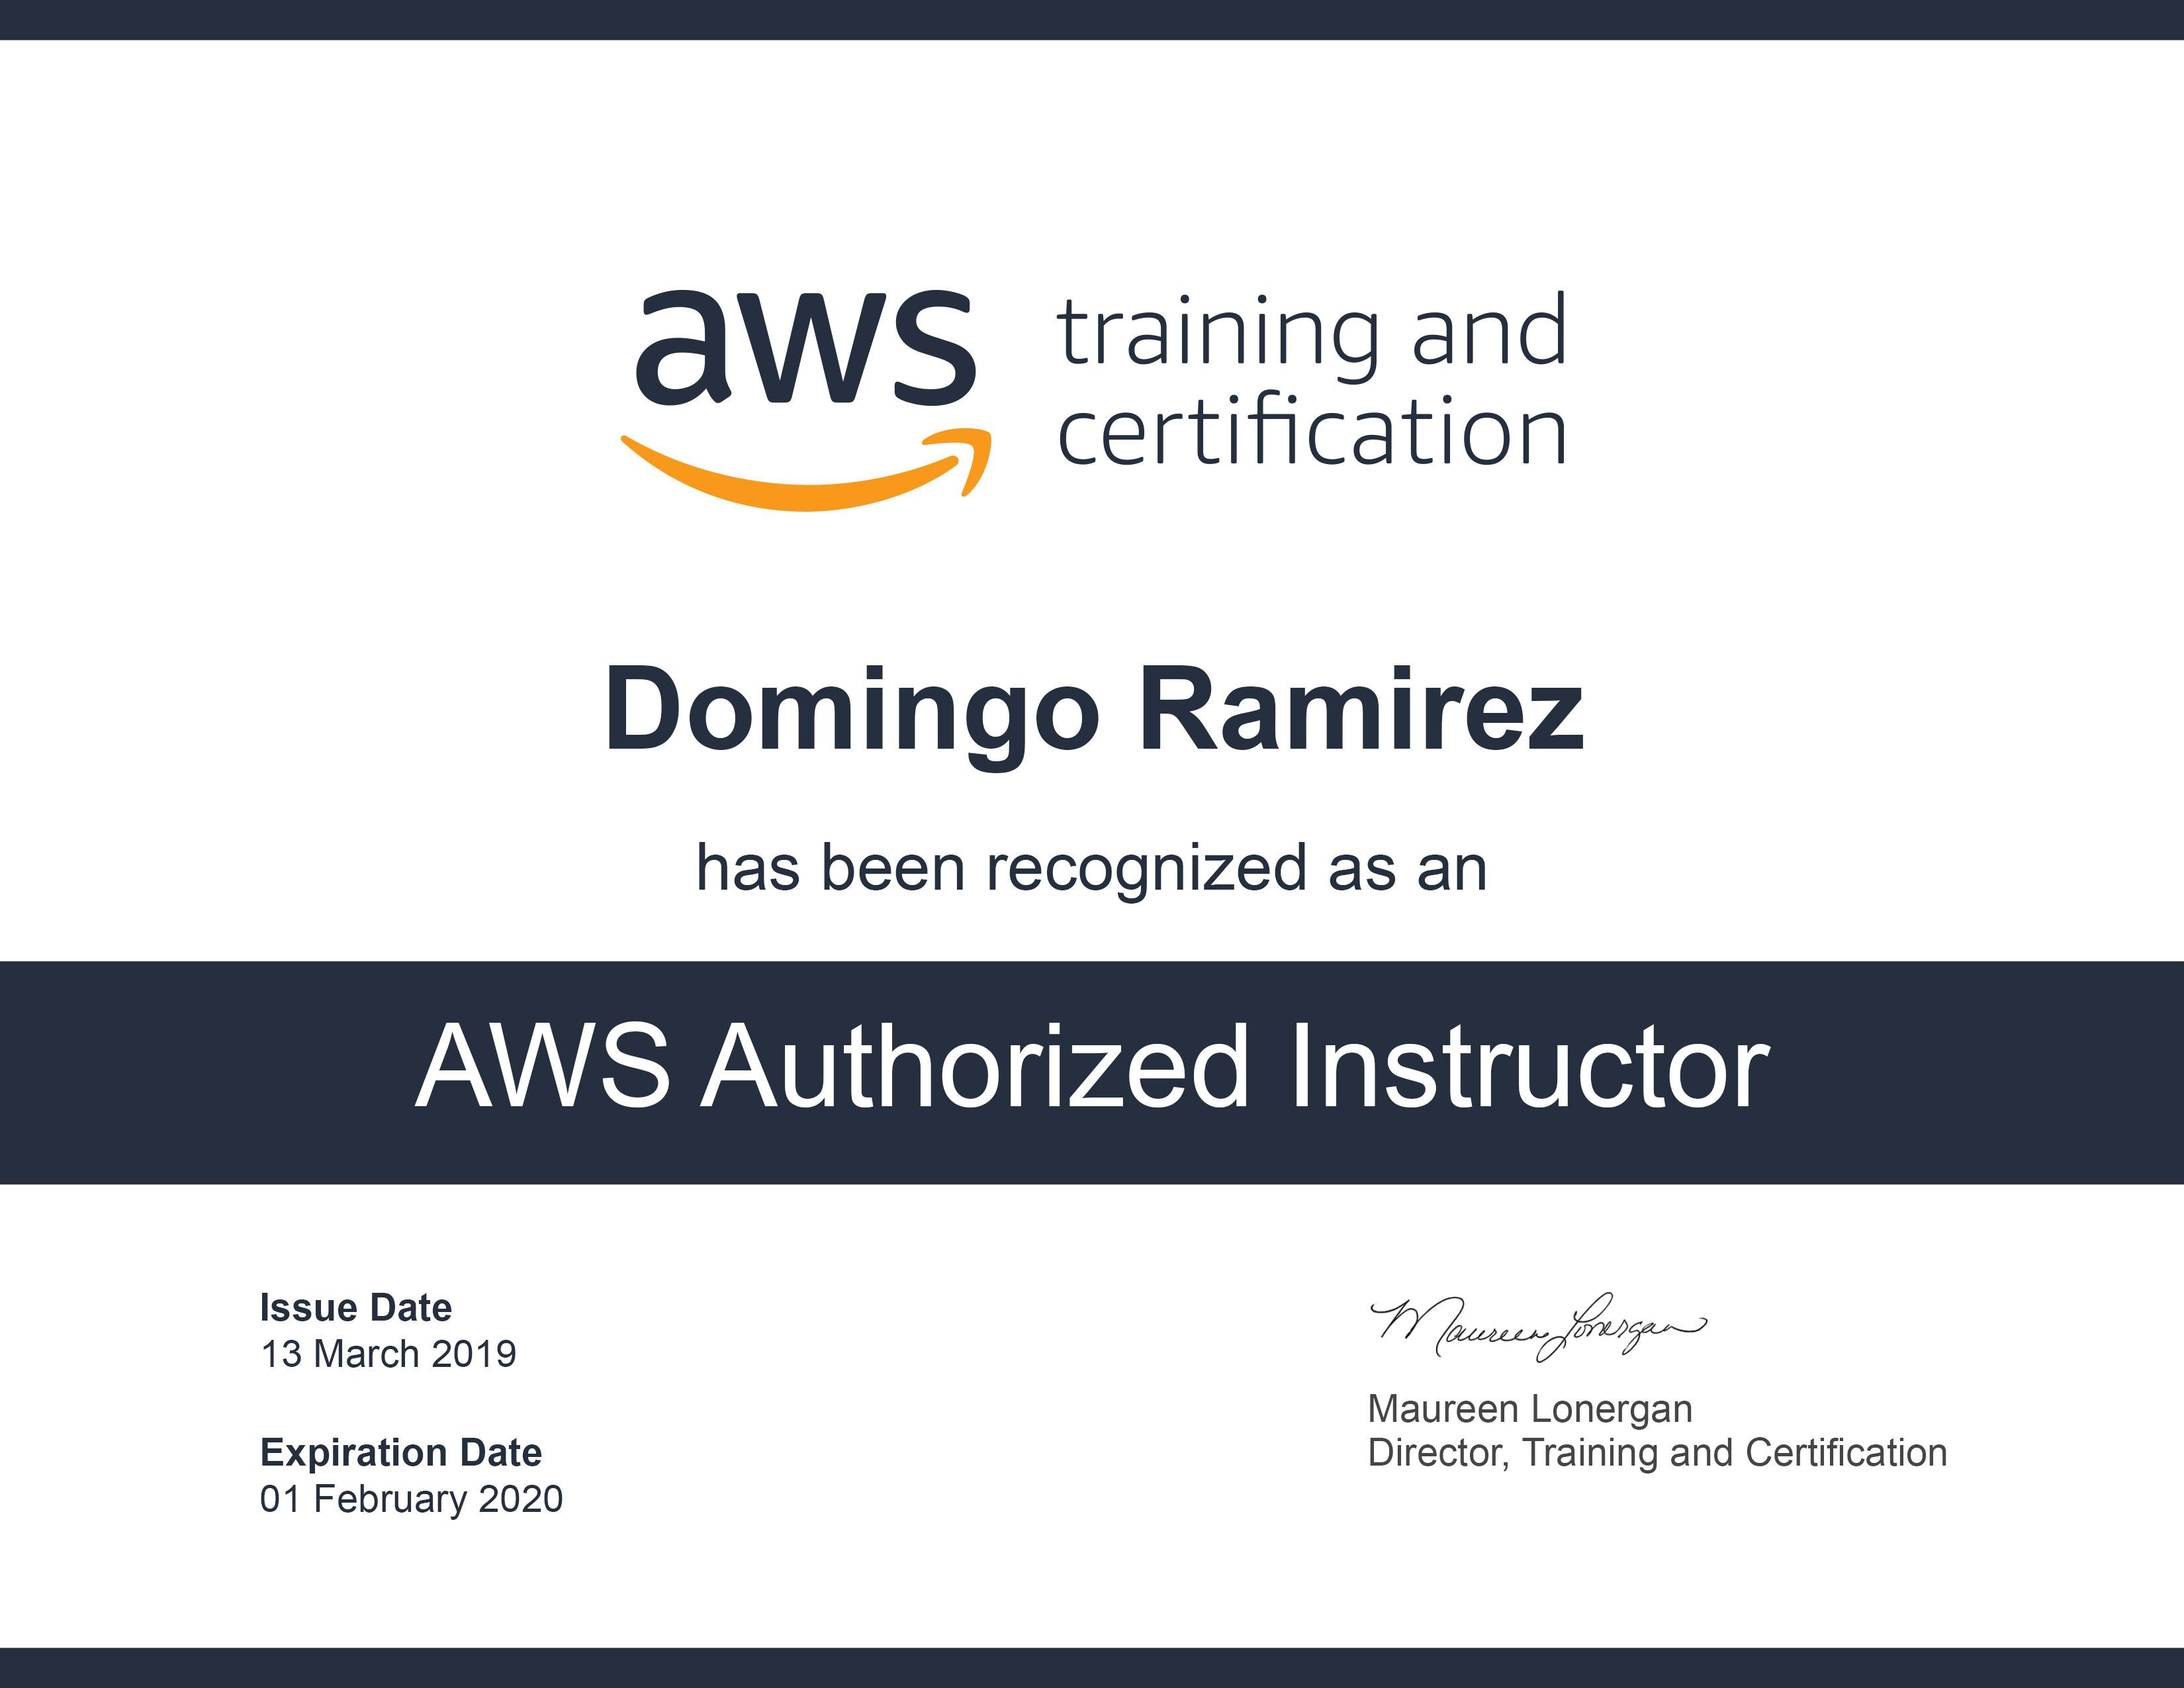 AWS Authorized Instructor 2019-2020